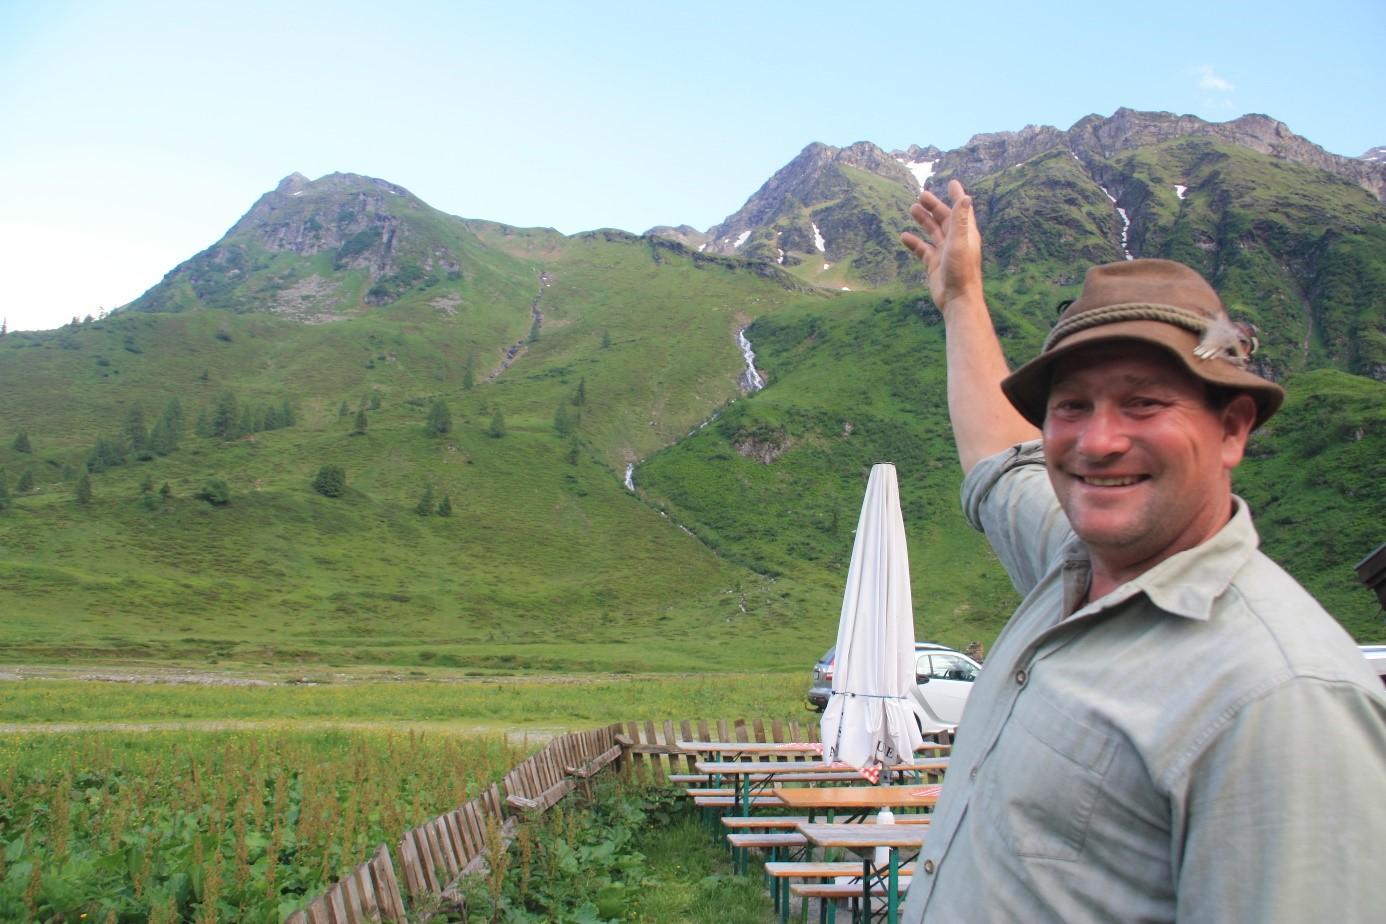 © SalzburgerLand Tourismus, Martina Egger, Tom zeigt auf seinen Arbeitsplatz, das Weidegebiet in Sportgastein